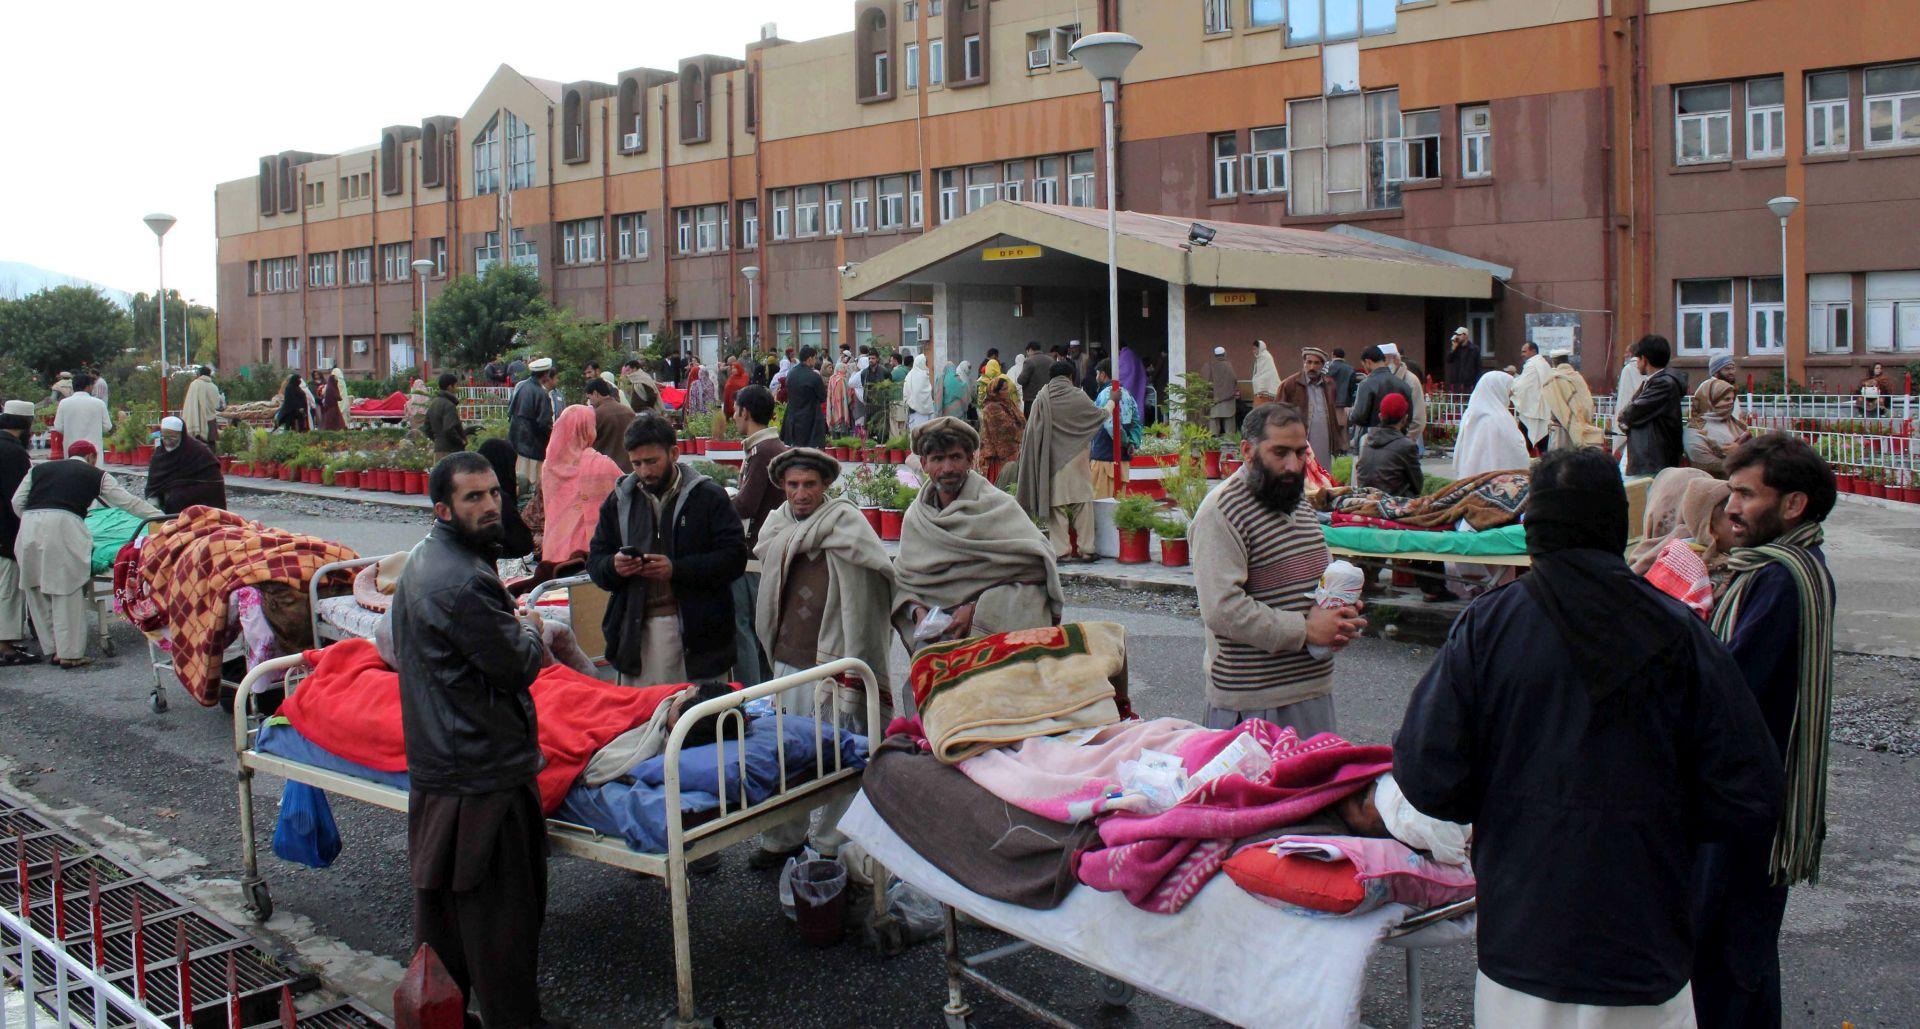 FOTO/VIDEO: VELIKI POTRES U AZIJI Poginulo više od 100 osoba, zbraja se materijalna šteta